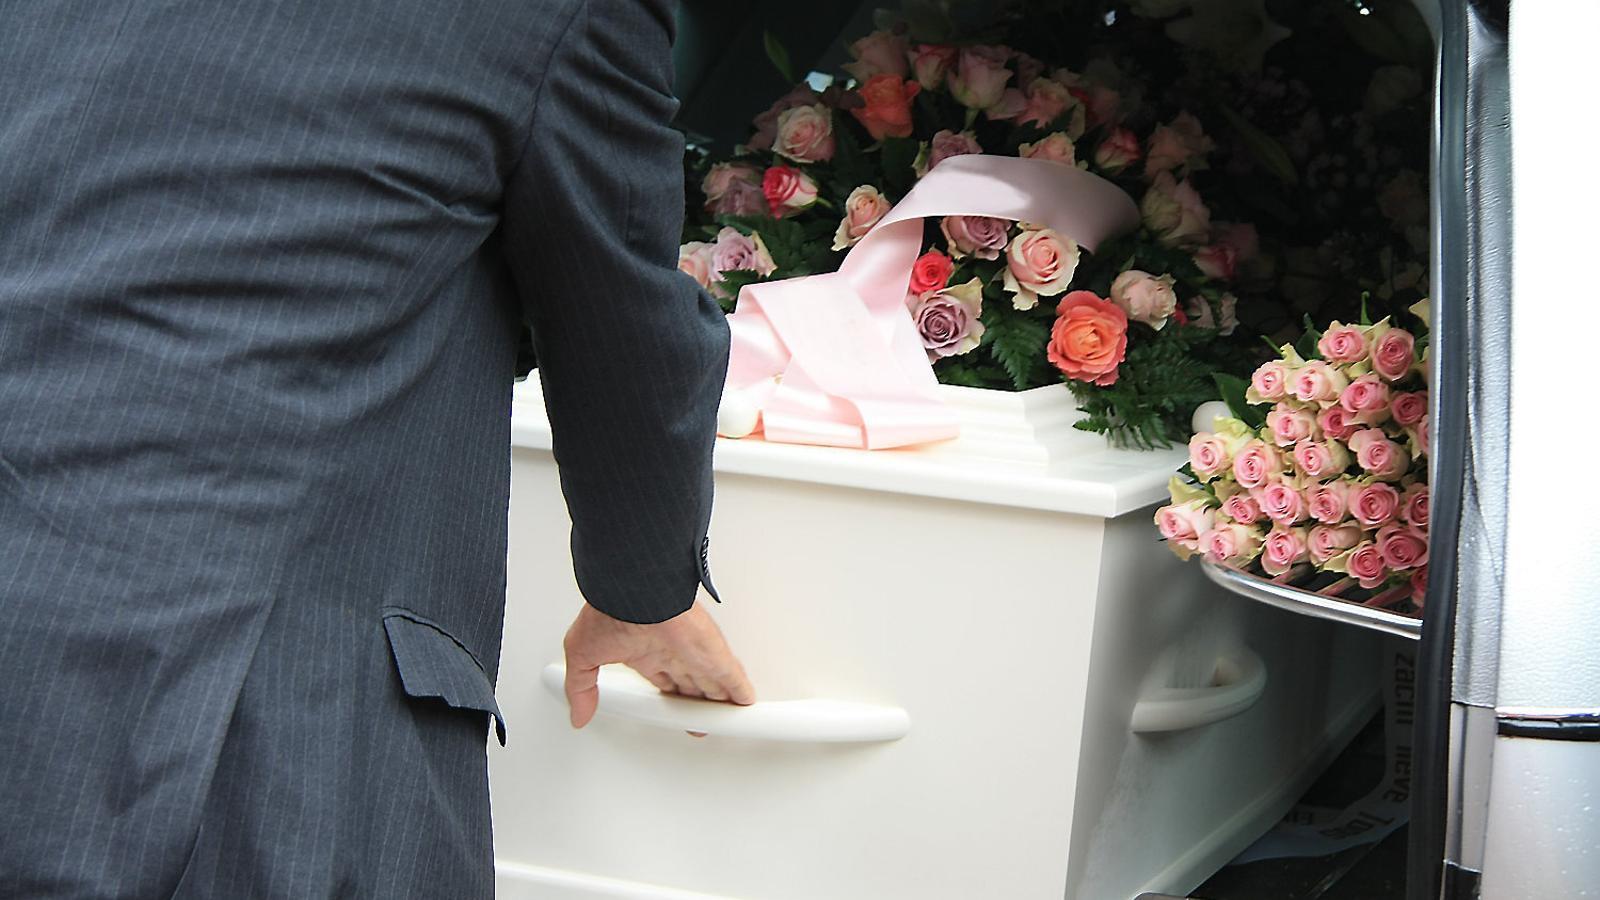 Una funerària troba amb vida una dona declarada morta.